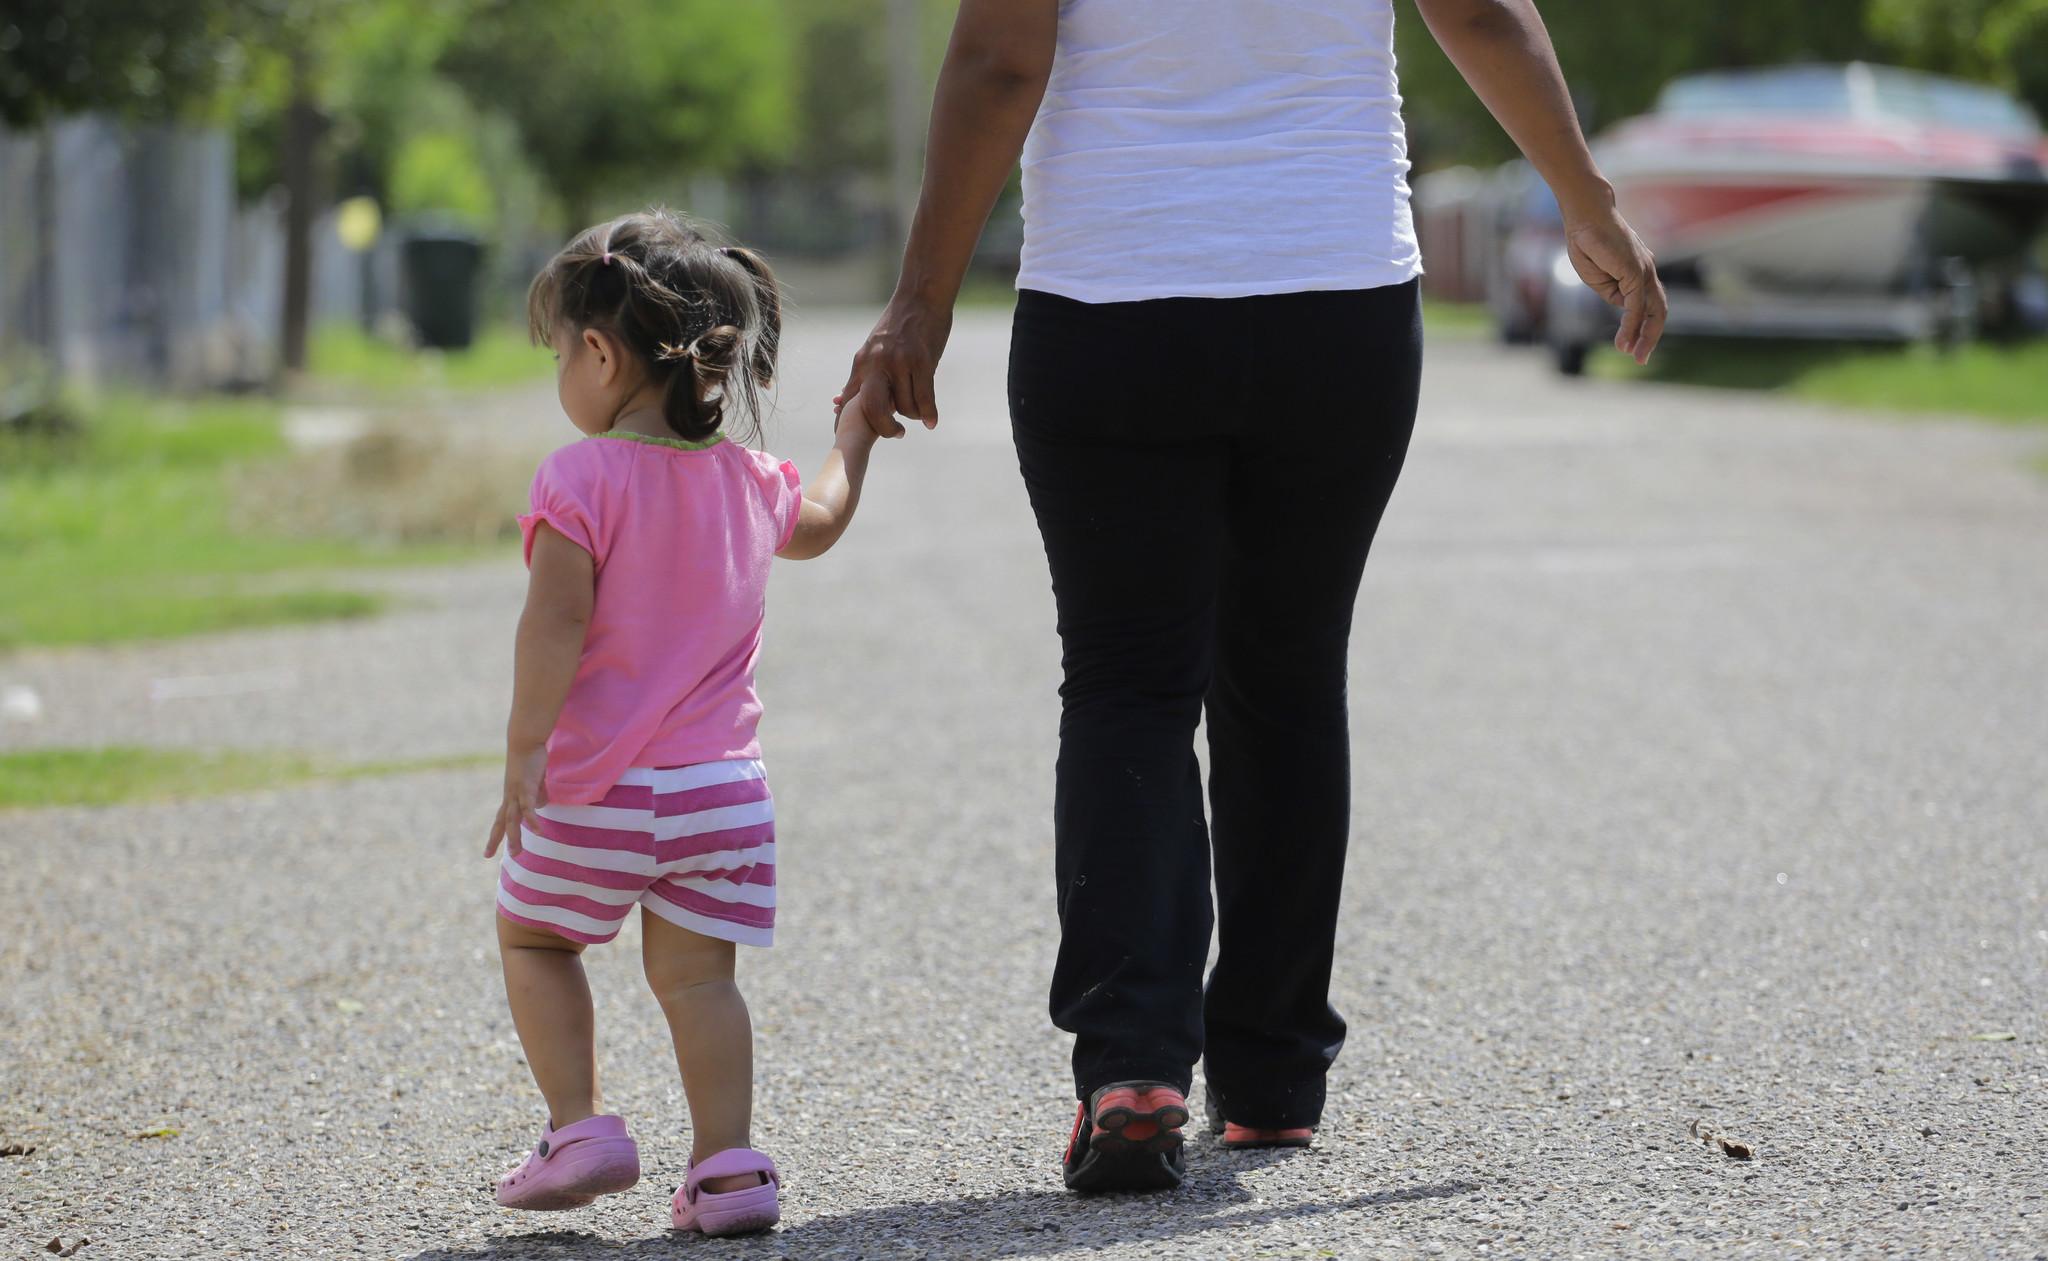 Texas acepta matrícula consular para actas de nacimiento - Hoy Chicago